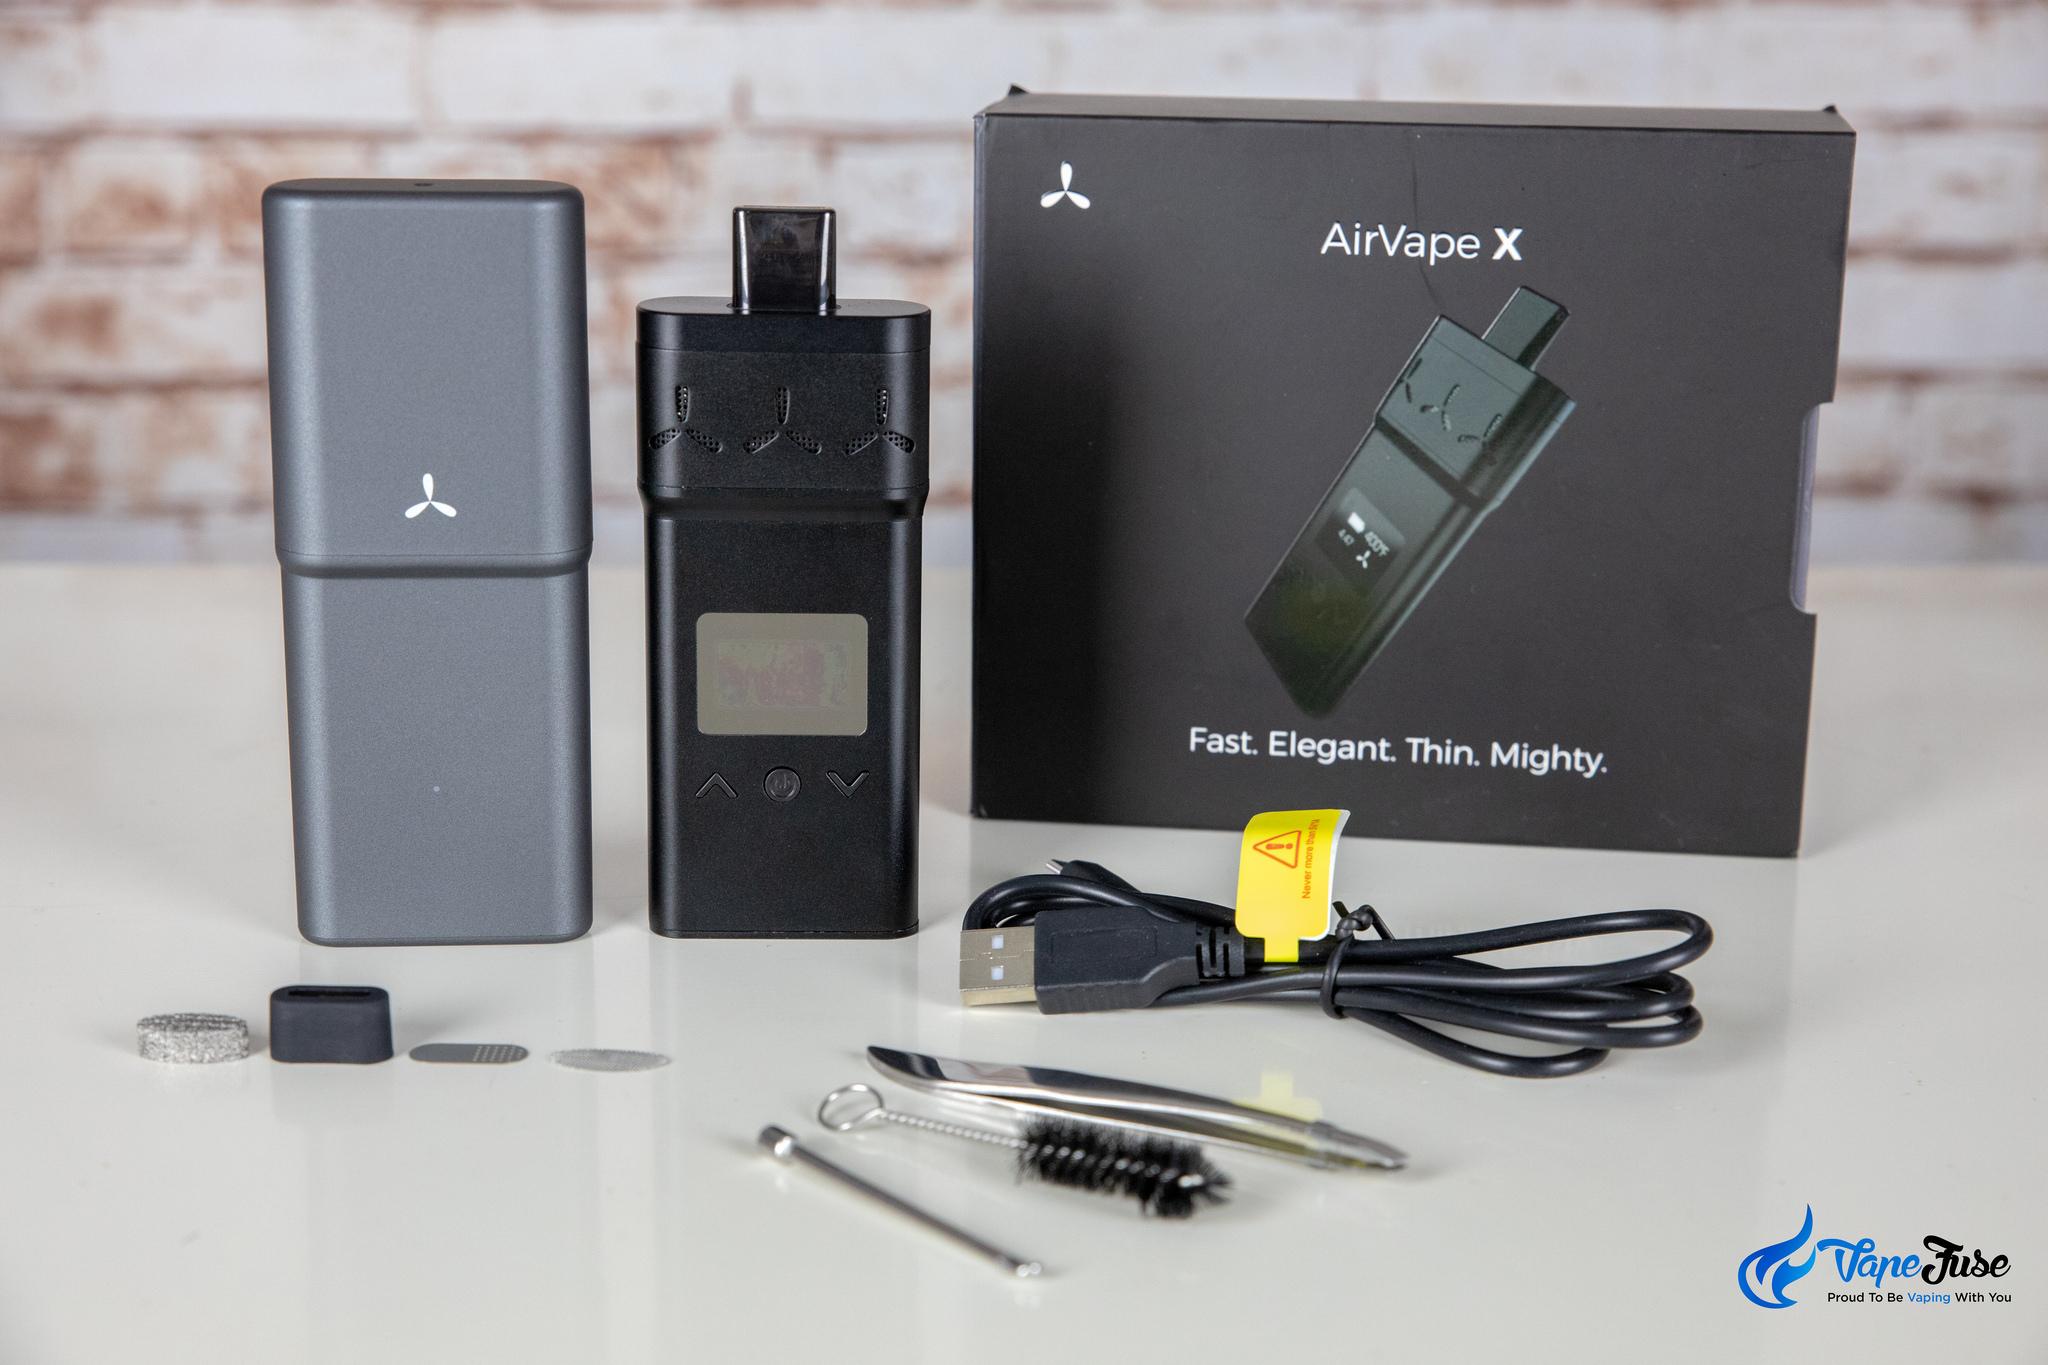 AirVape X full kit